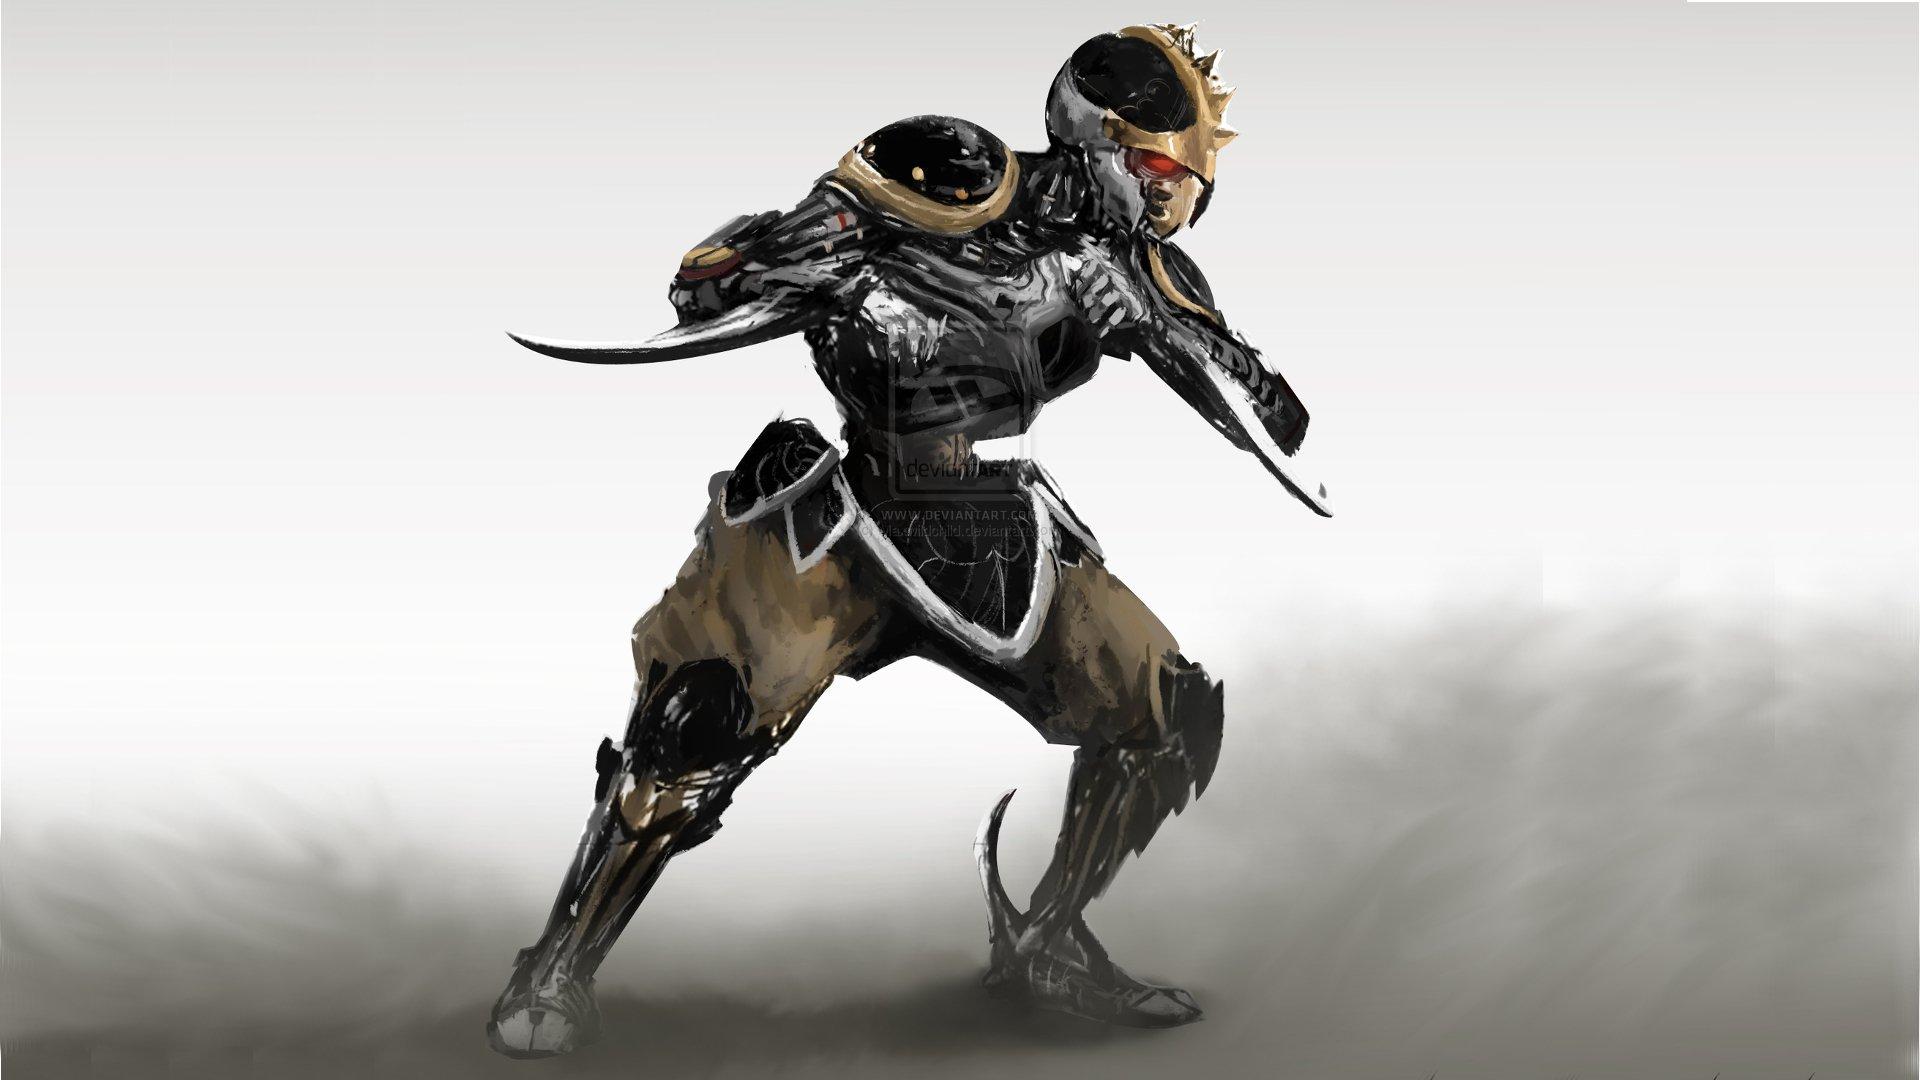 1 Ninja Warriors Fondos De Pantalla Hd Fondos De